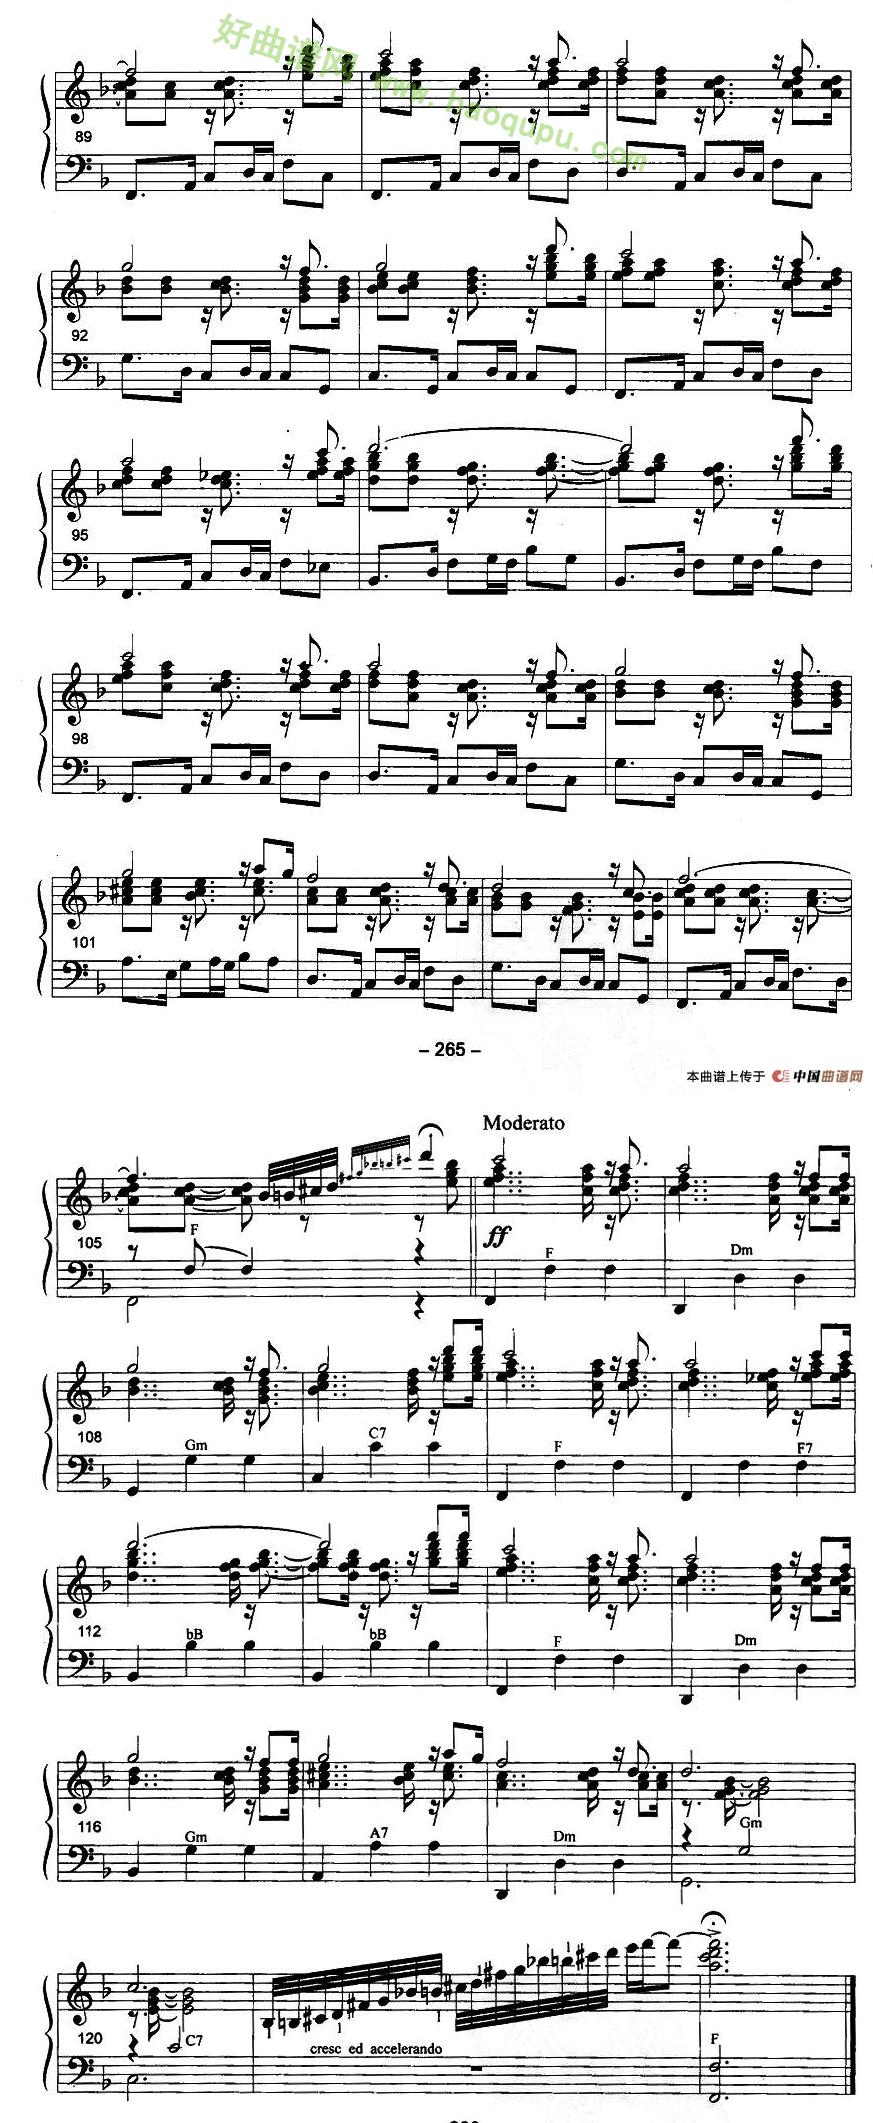 - 手风琴曲谱图片